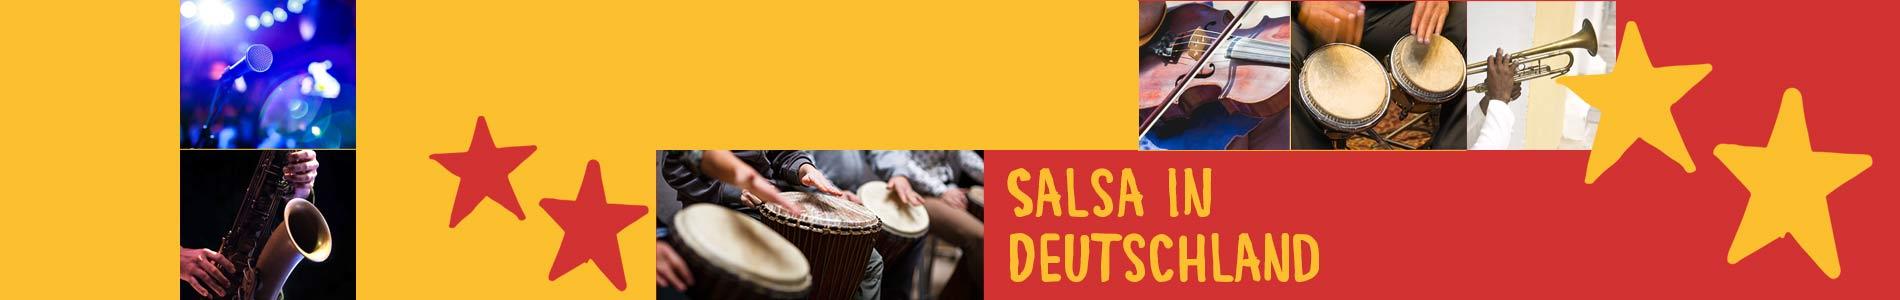 Salsa in Büchen – Salsa lernen und tanzen, Tanzkurse, Partys, Veranstaltungen